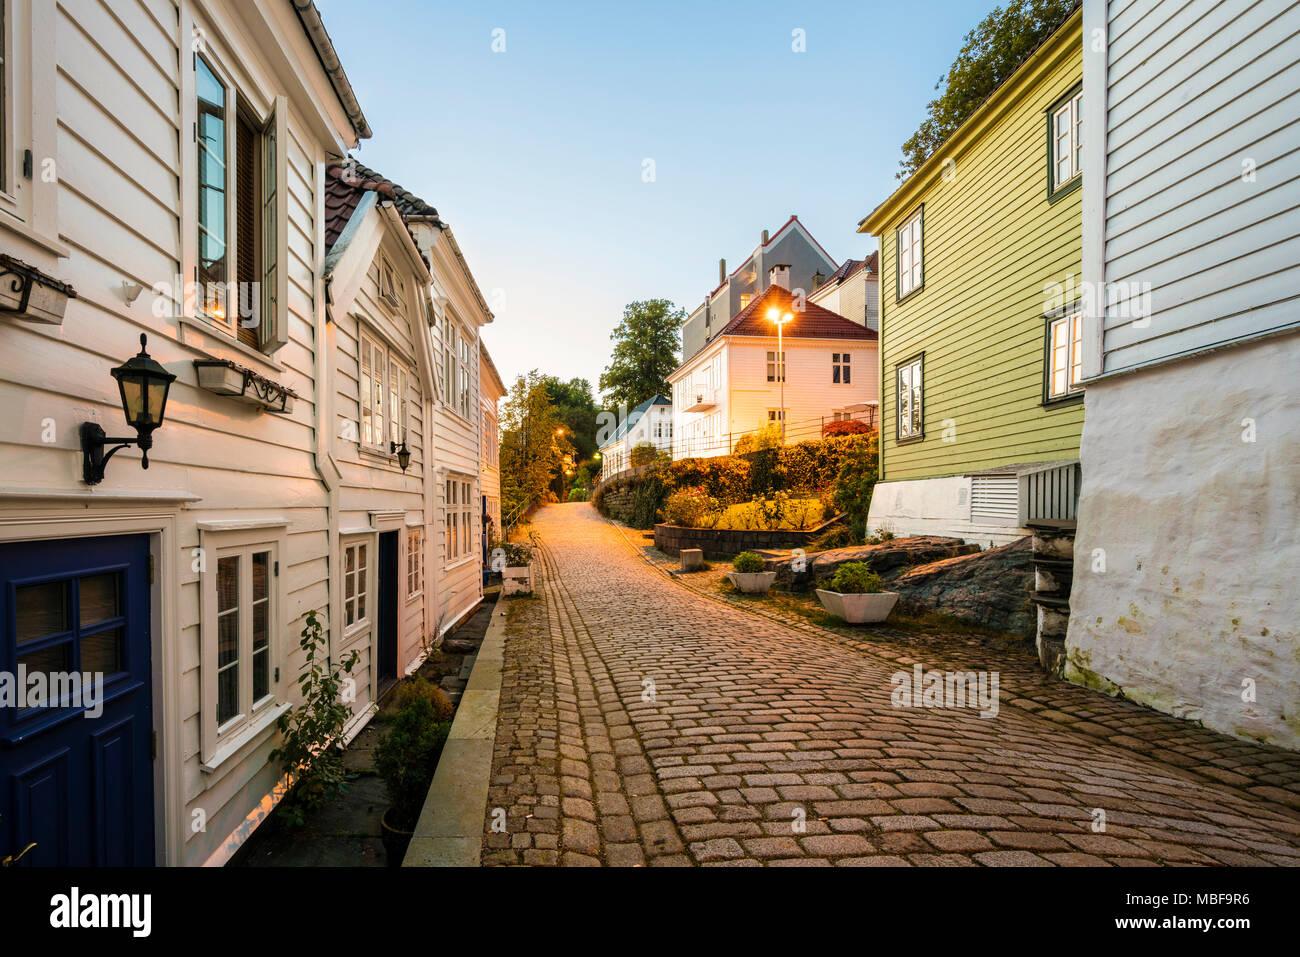 Bergen, Norwegen, Altstadt Straße mit Kopfsteinpflaster und Holzhäuser in der Nacht Stockbild